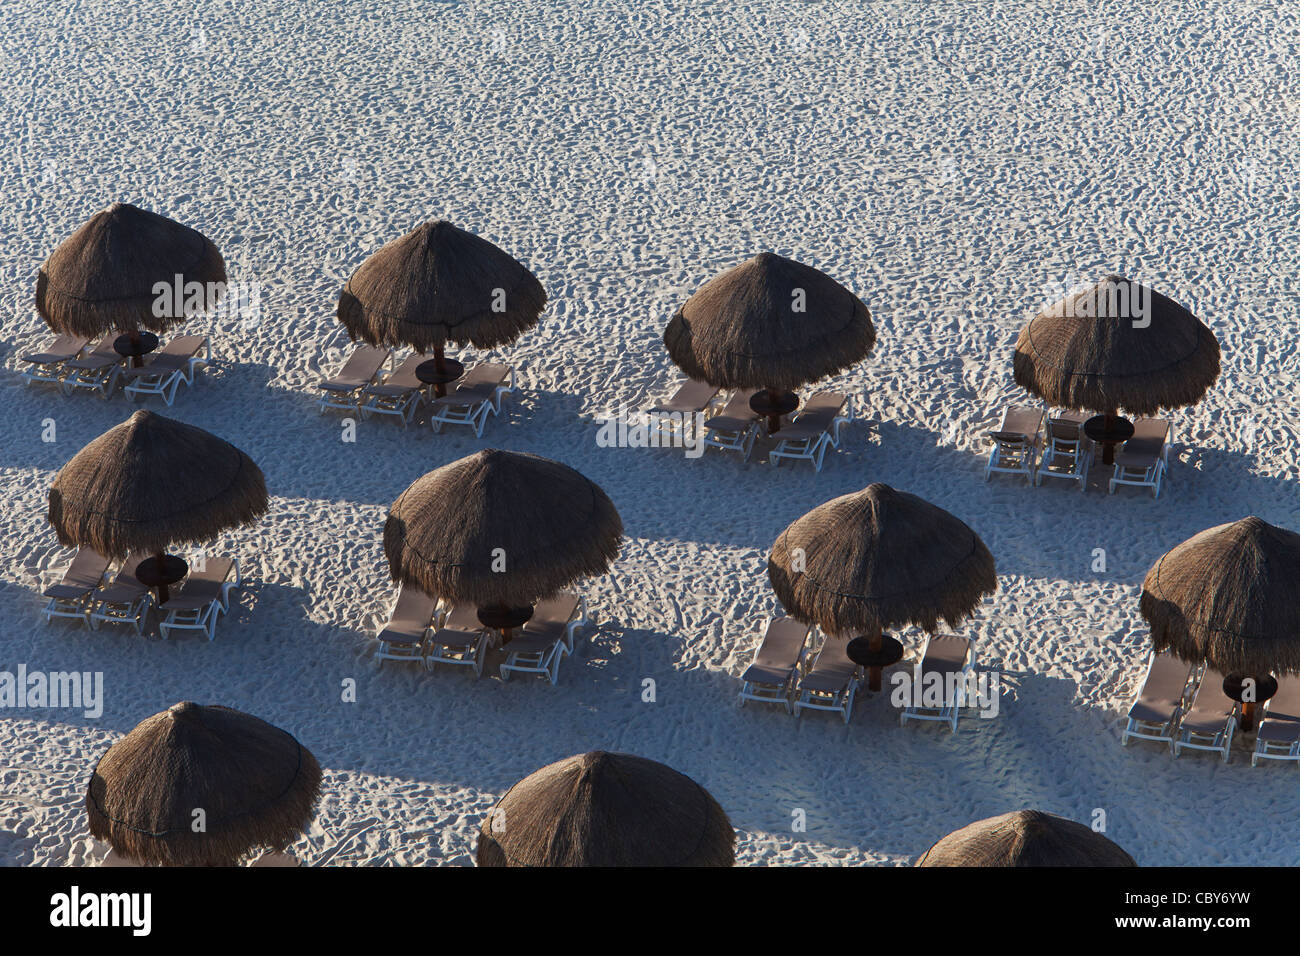 Résumé de parasols et chaises longues à Cancun au Mexique Photo Stock